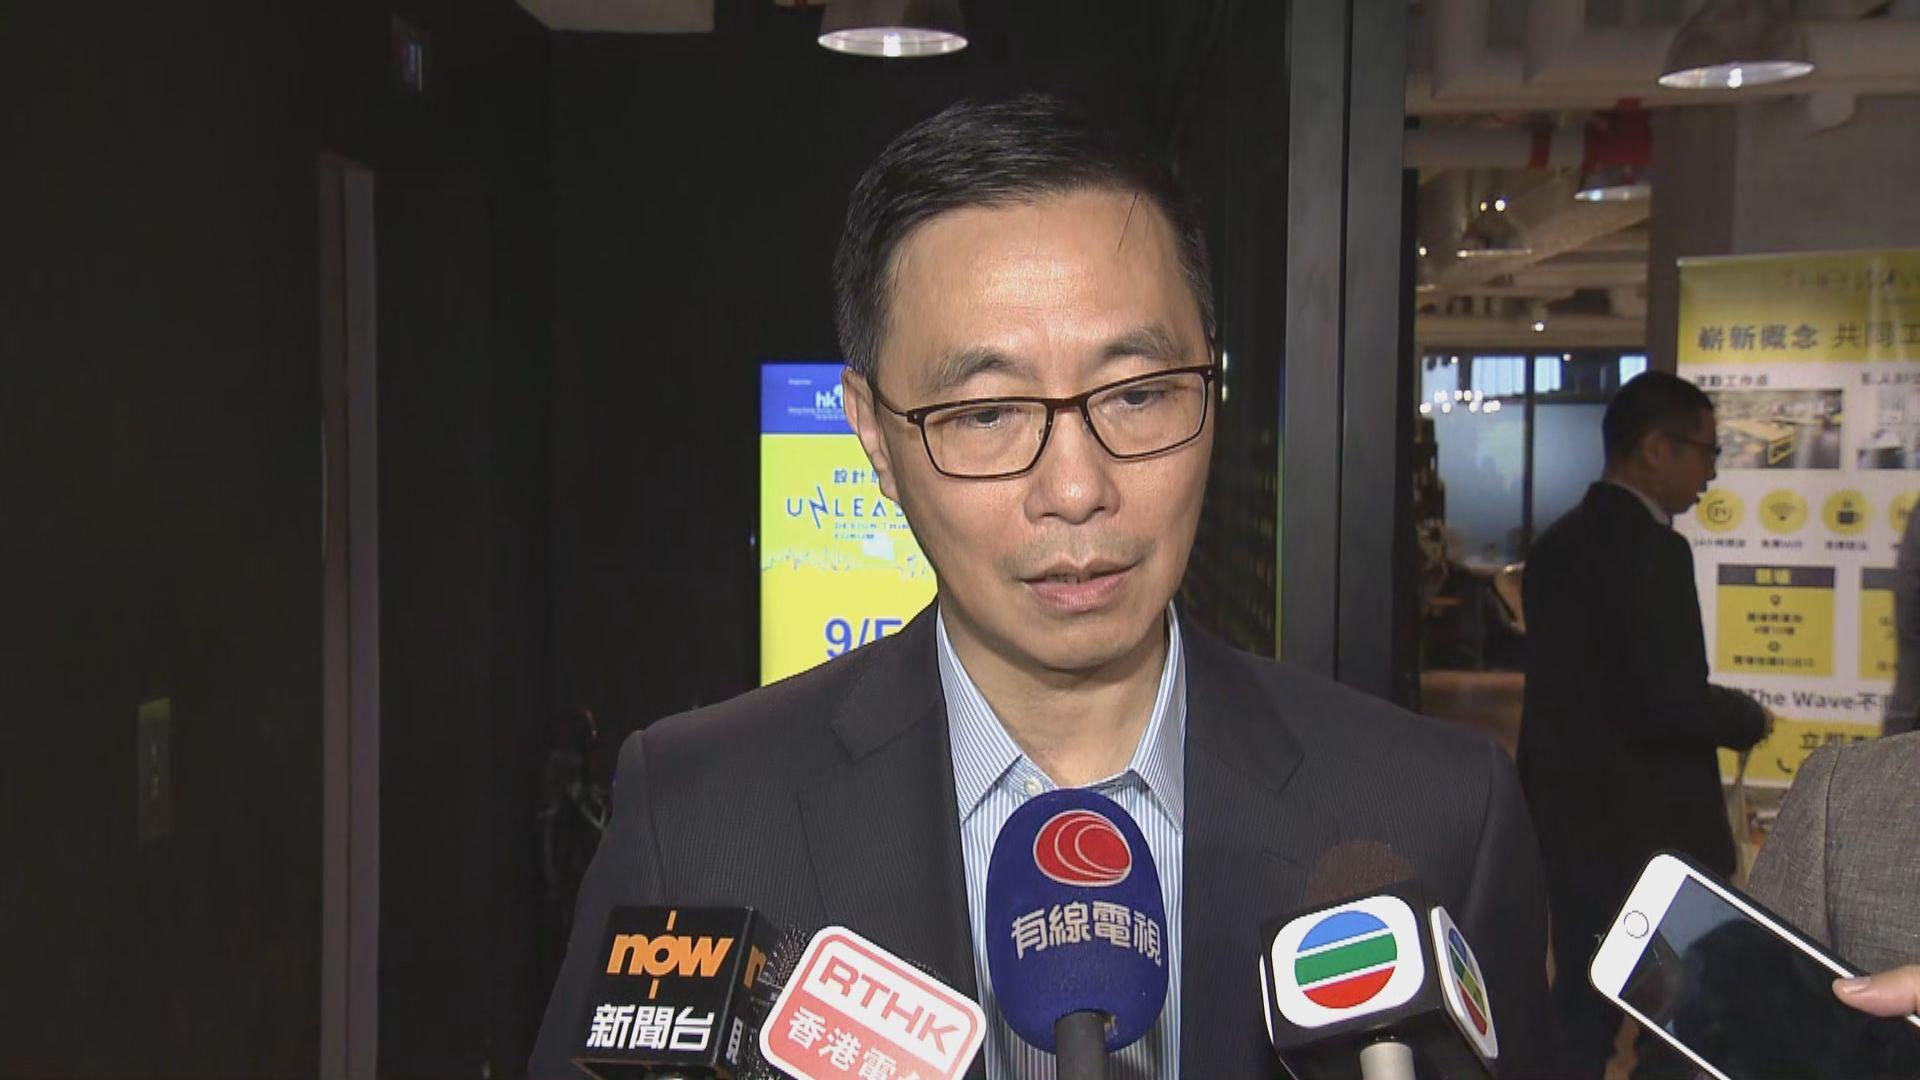 理大開除學生 楊潤雄:尊重大學決定